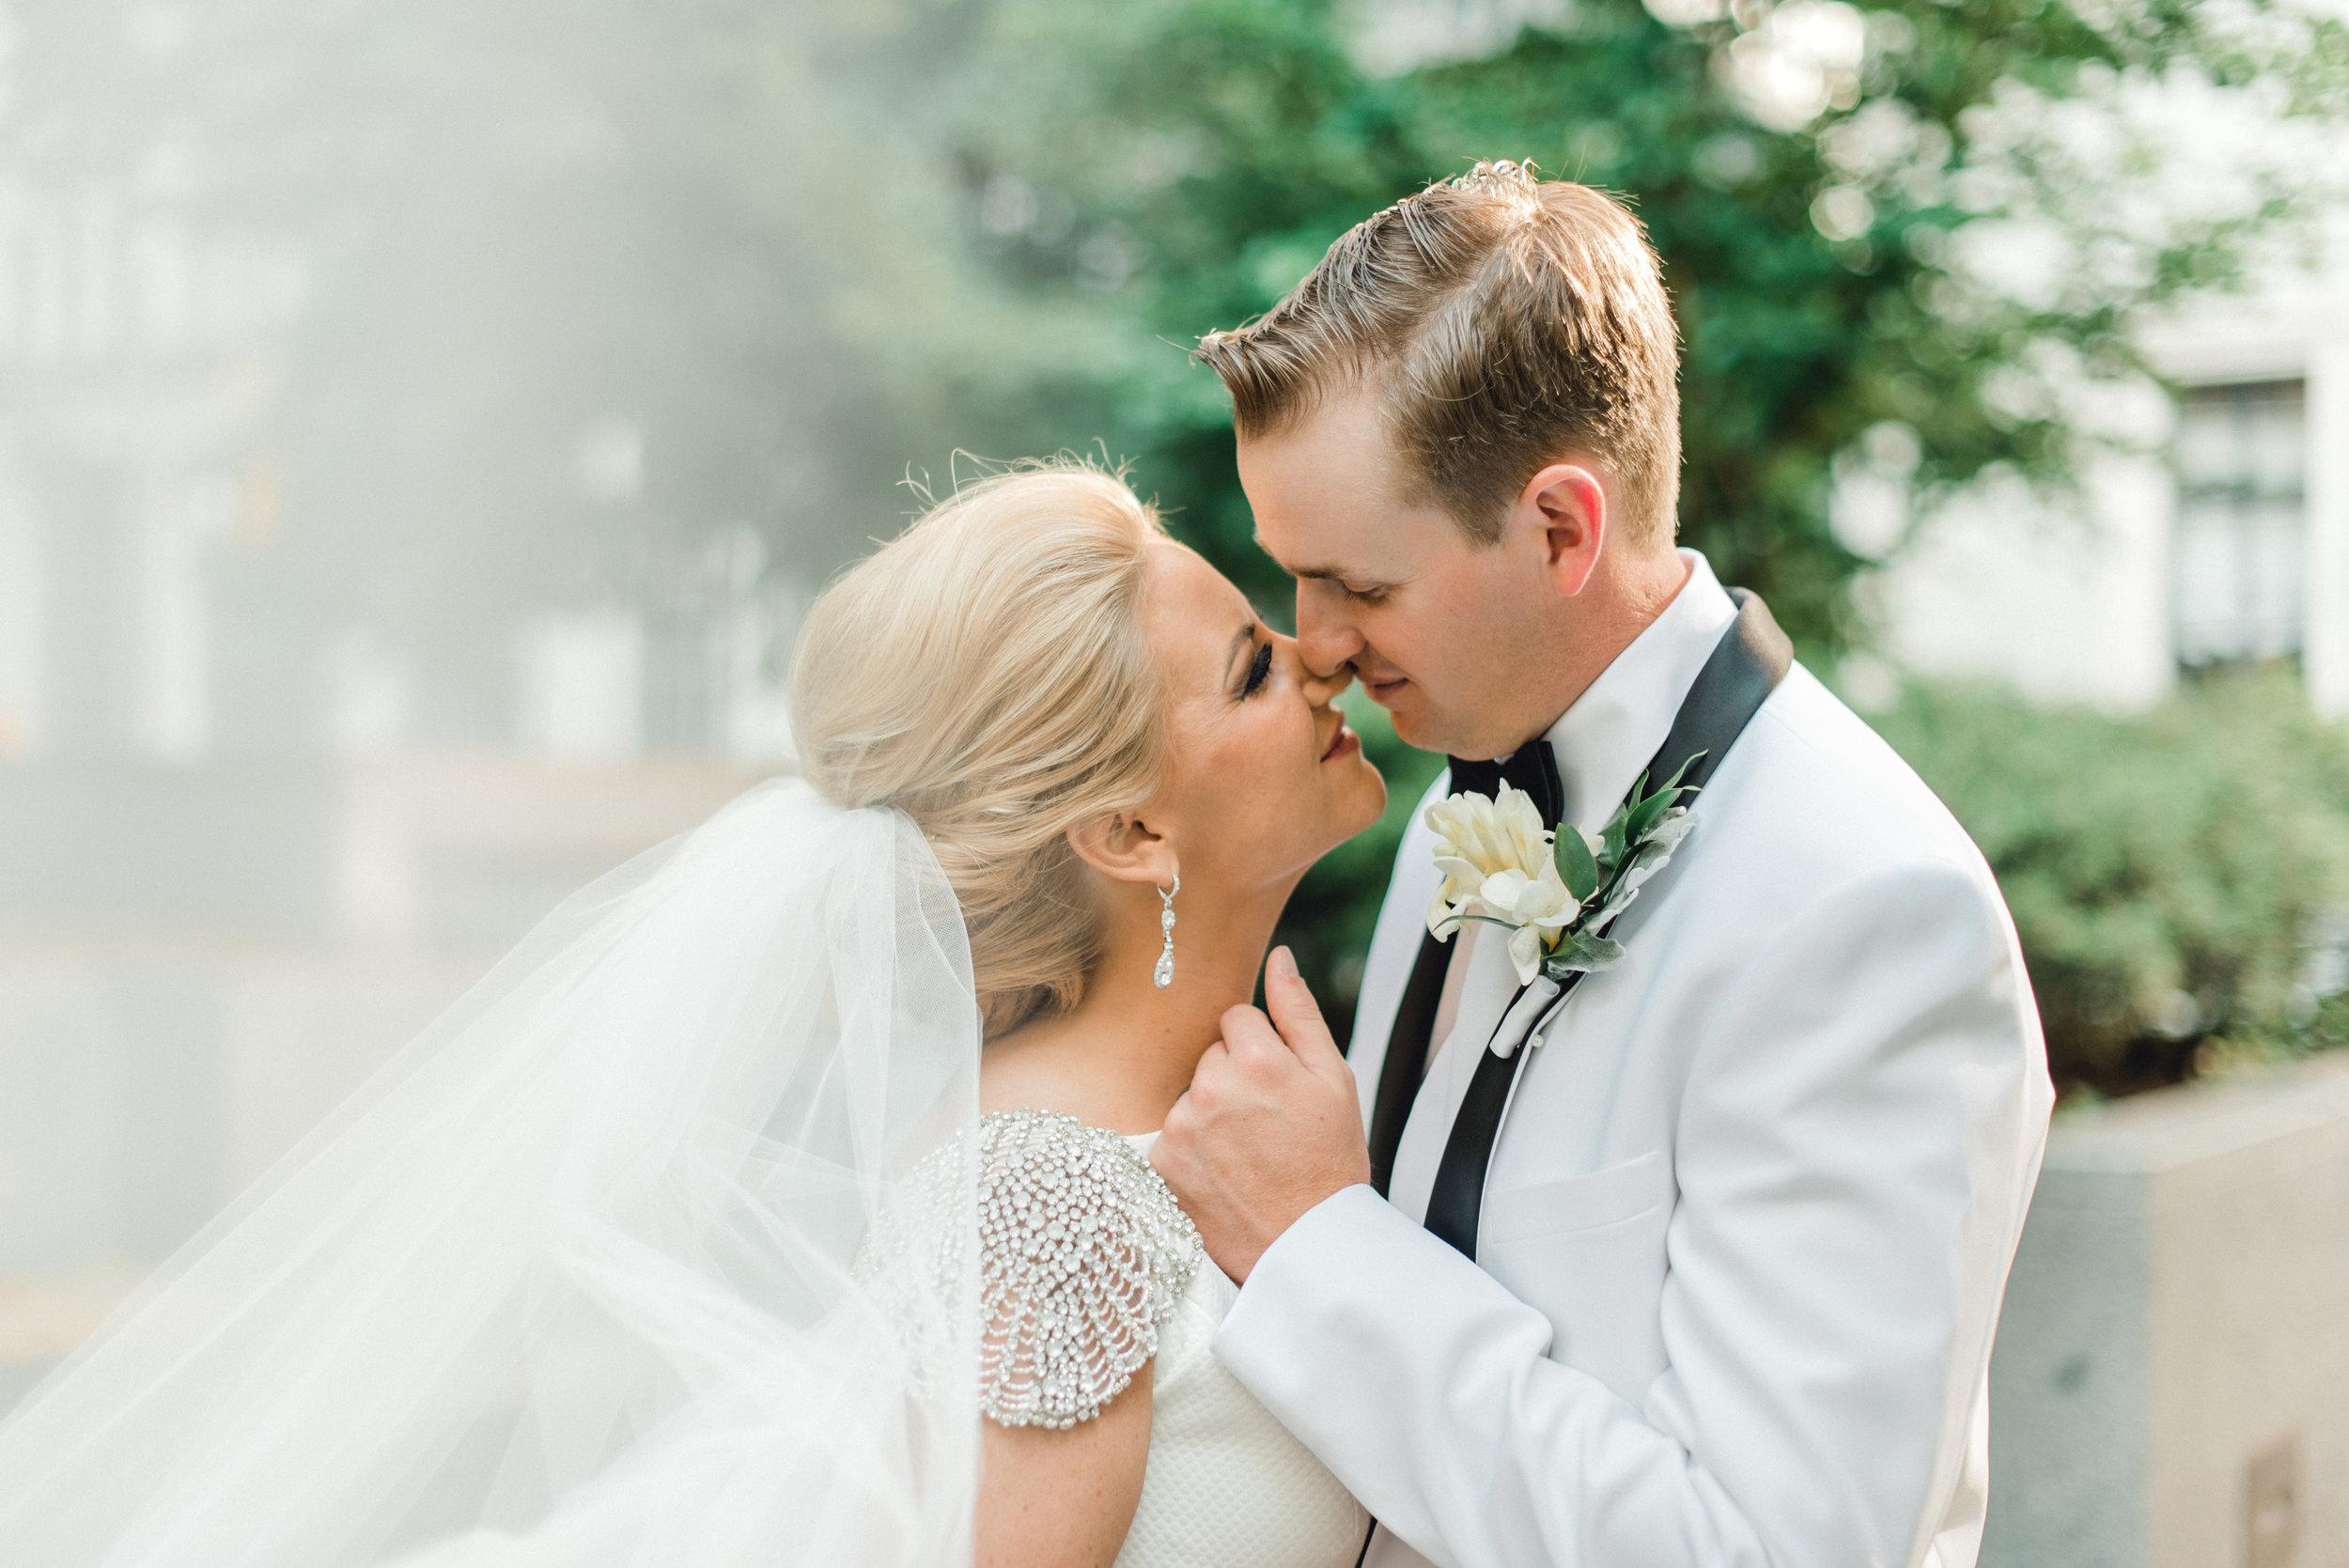 omni-william-penn-wedding-classic-chic-modern-photography-0028.jpg